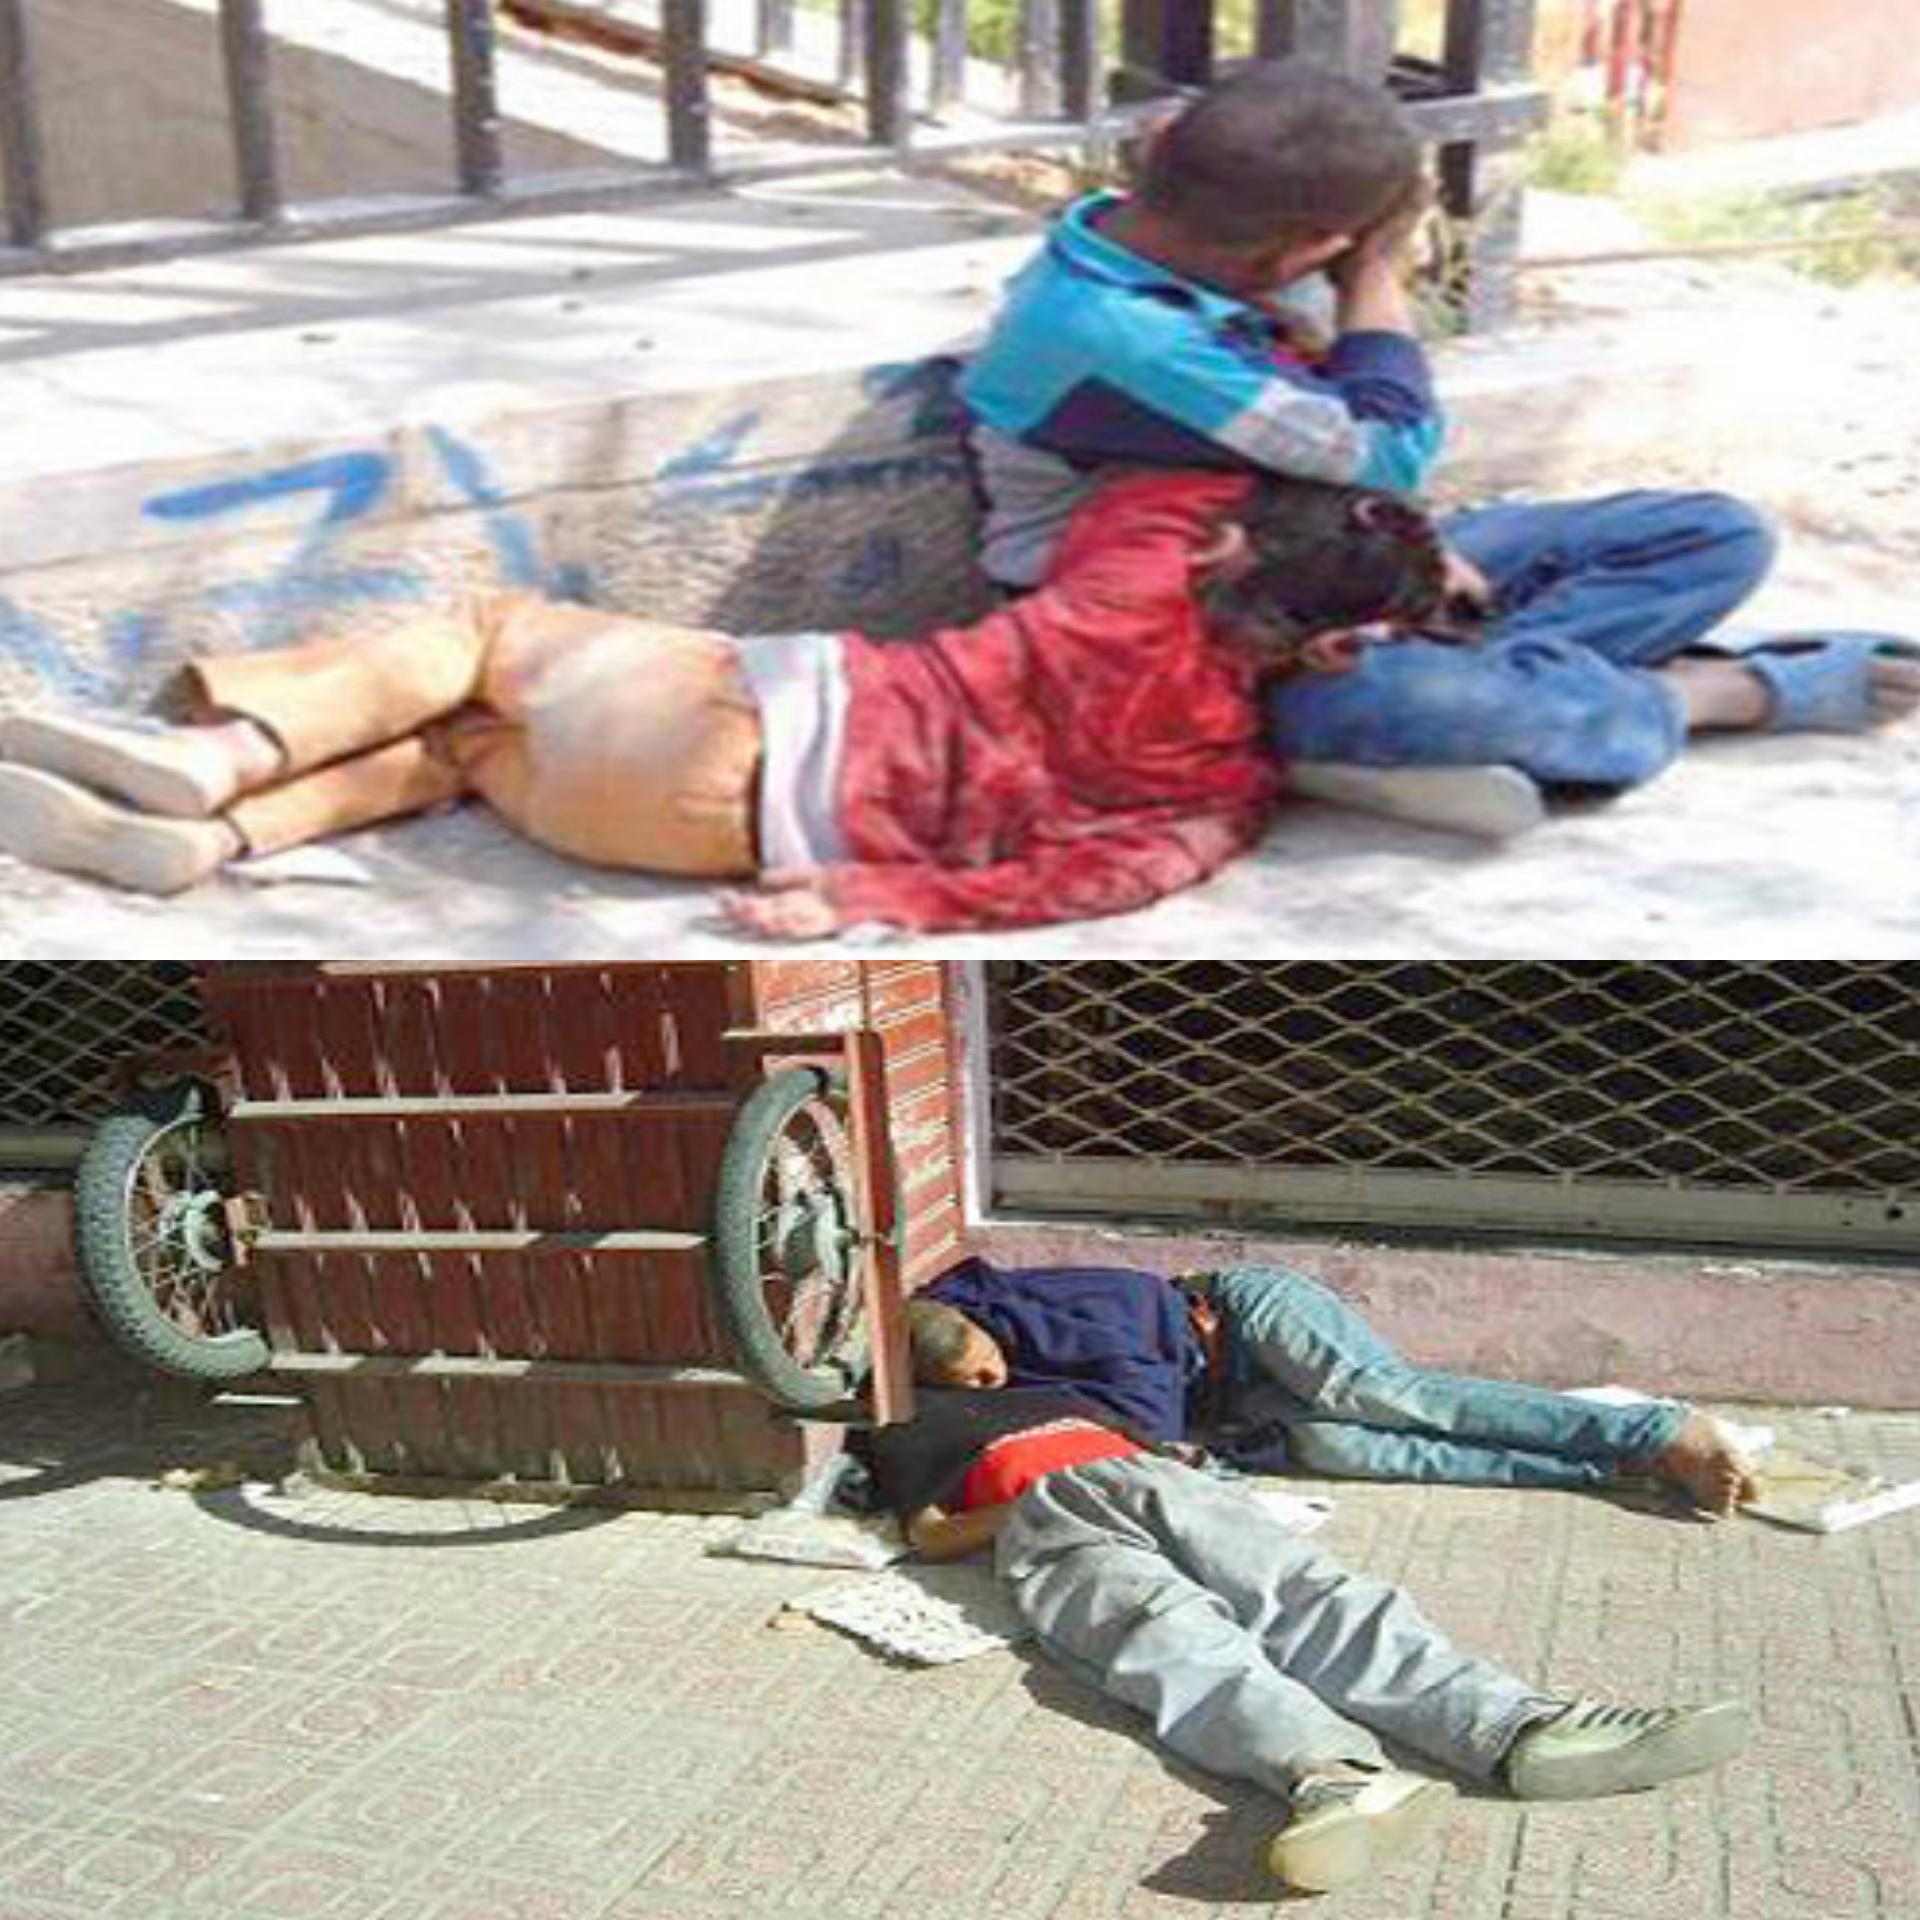 7226مغربي بدون مأوى و 87 في المائة منهم رجال